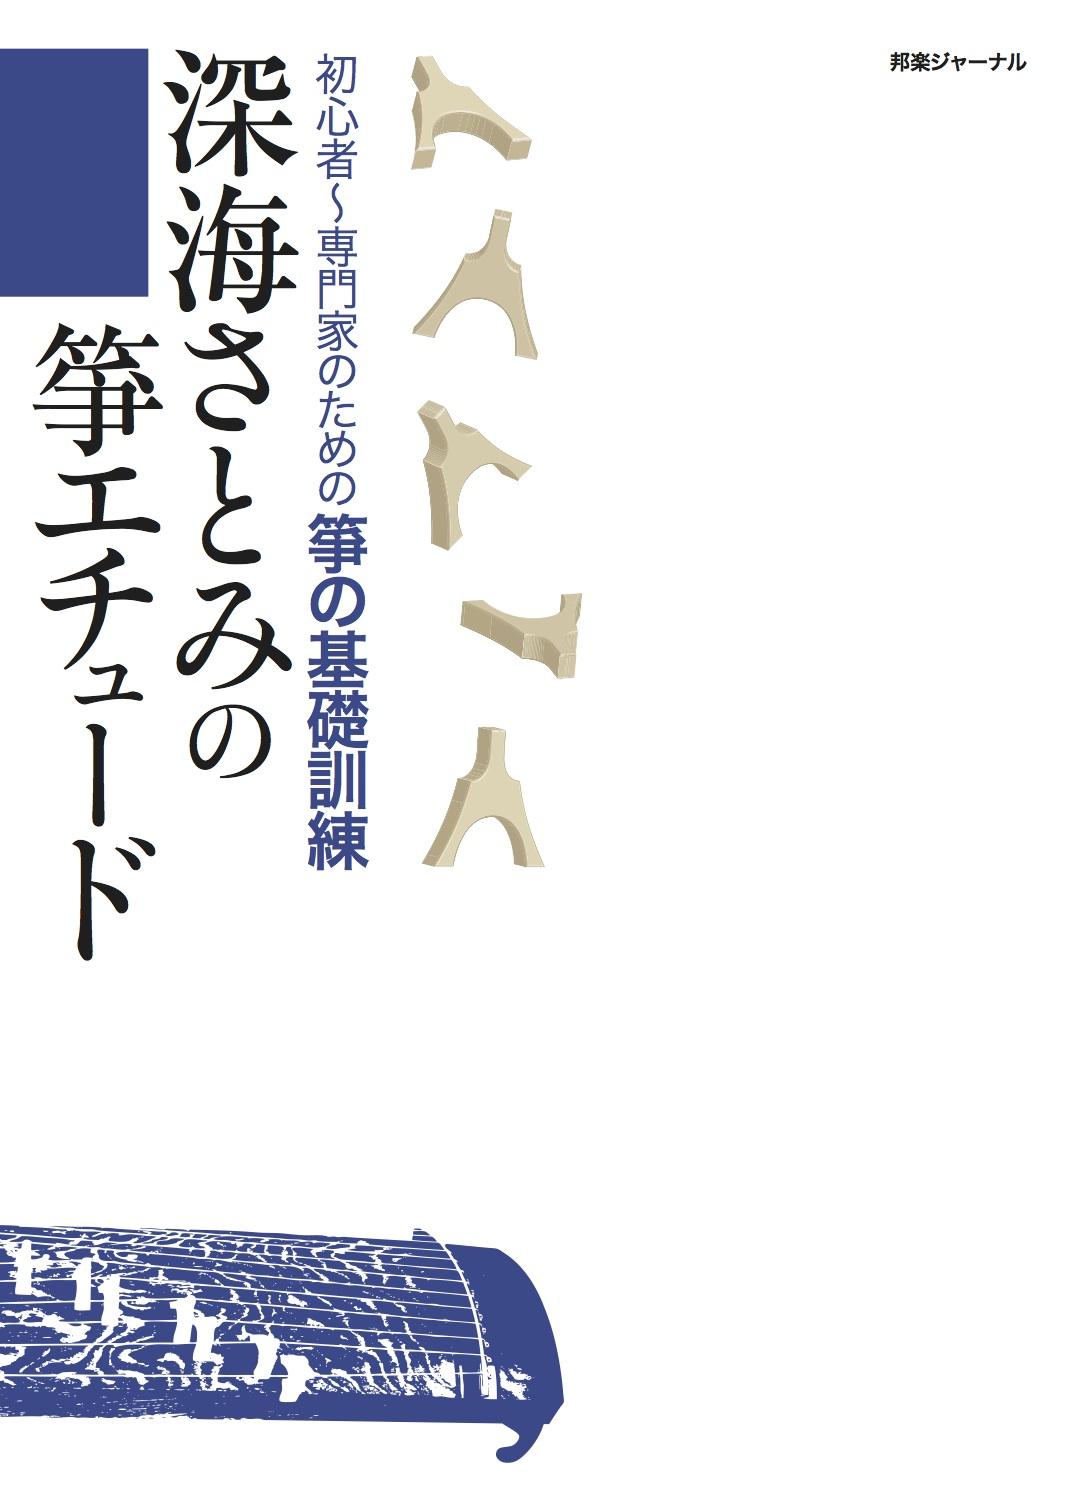 深海さとみの「箏エチュード」初心者〜専門家のための箏の基礎訓練[5514]